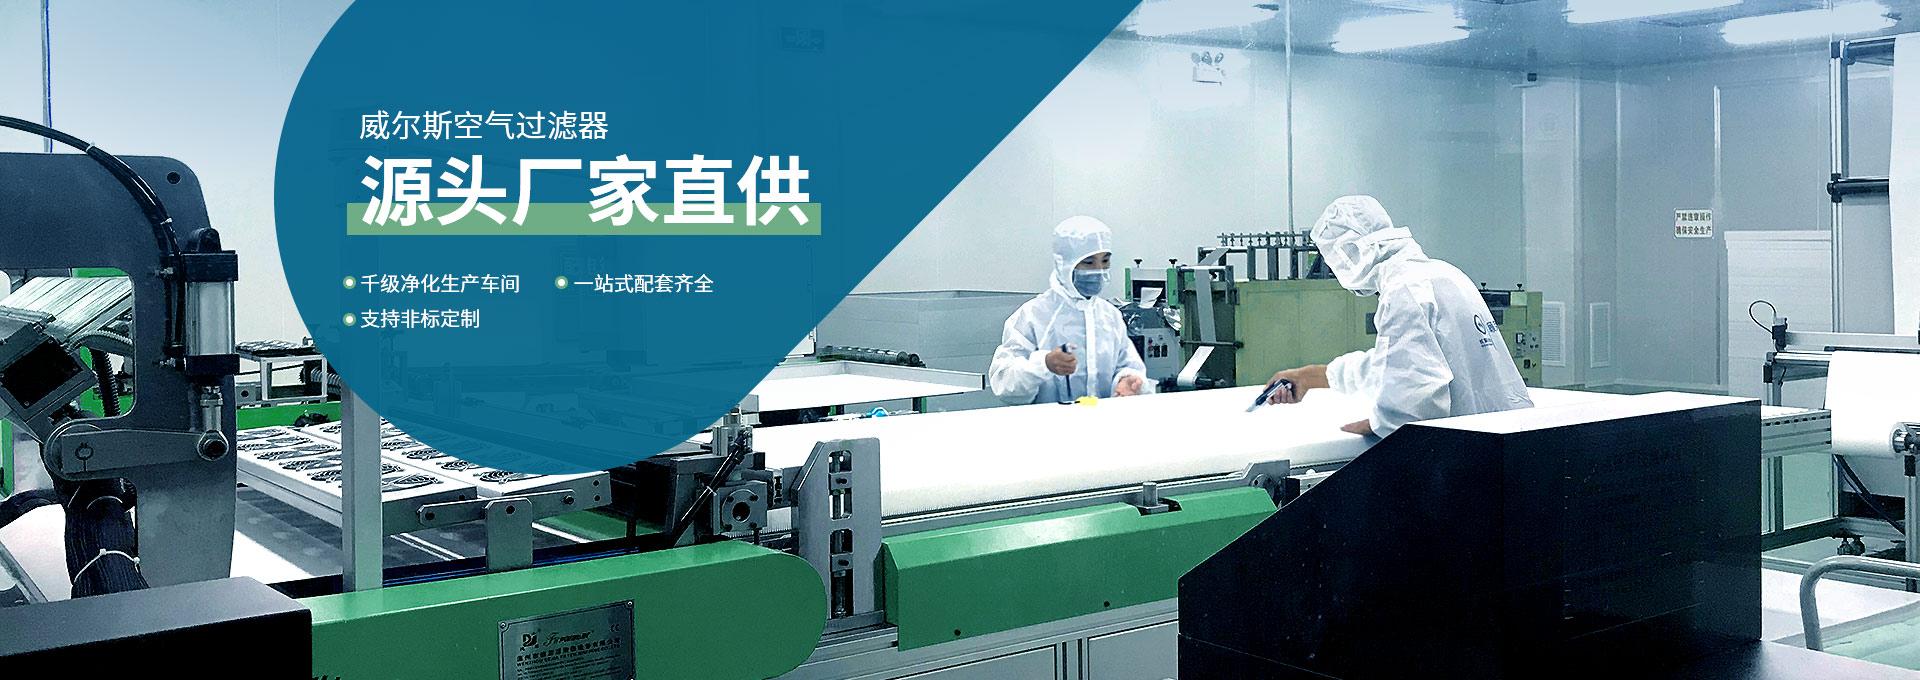 威尔斯空气过滤器源头厂家直供,千级净化生产车间,一站式配套齐全,支持非标定制